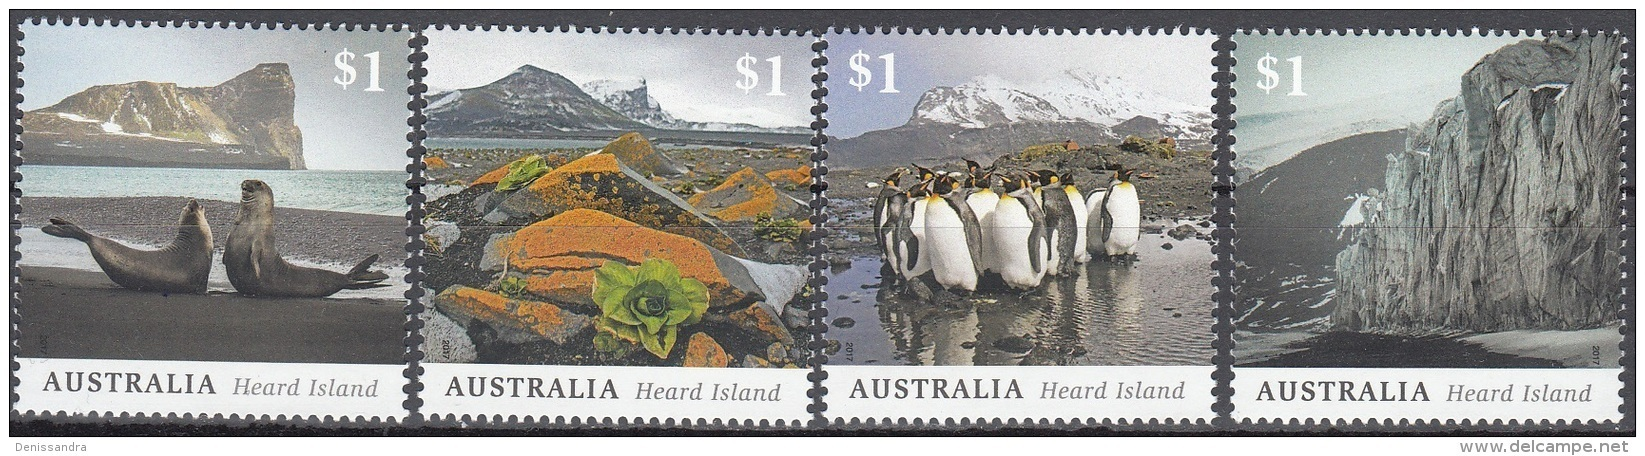 Australia 2017 Heard Island Neuf ** - Territoire Antarctique Australien (AAT)